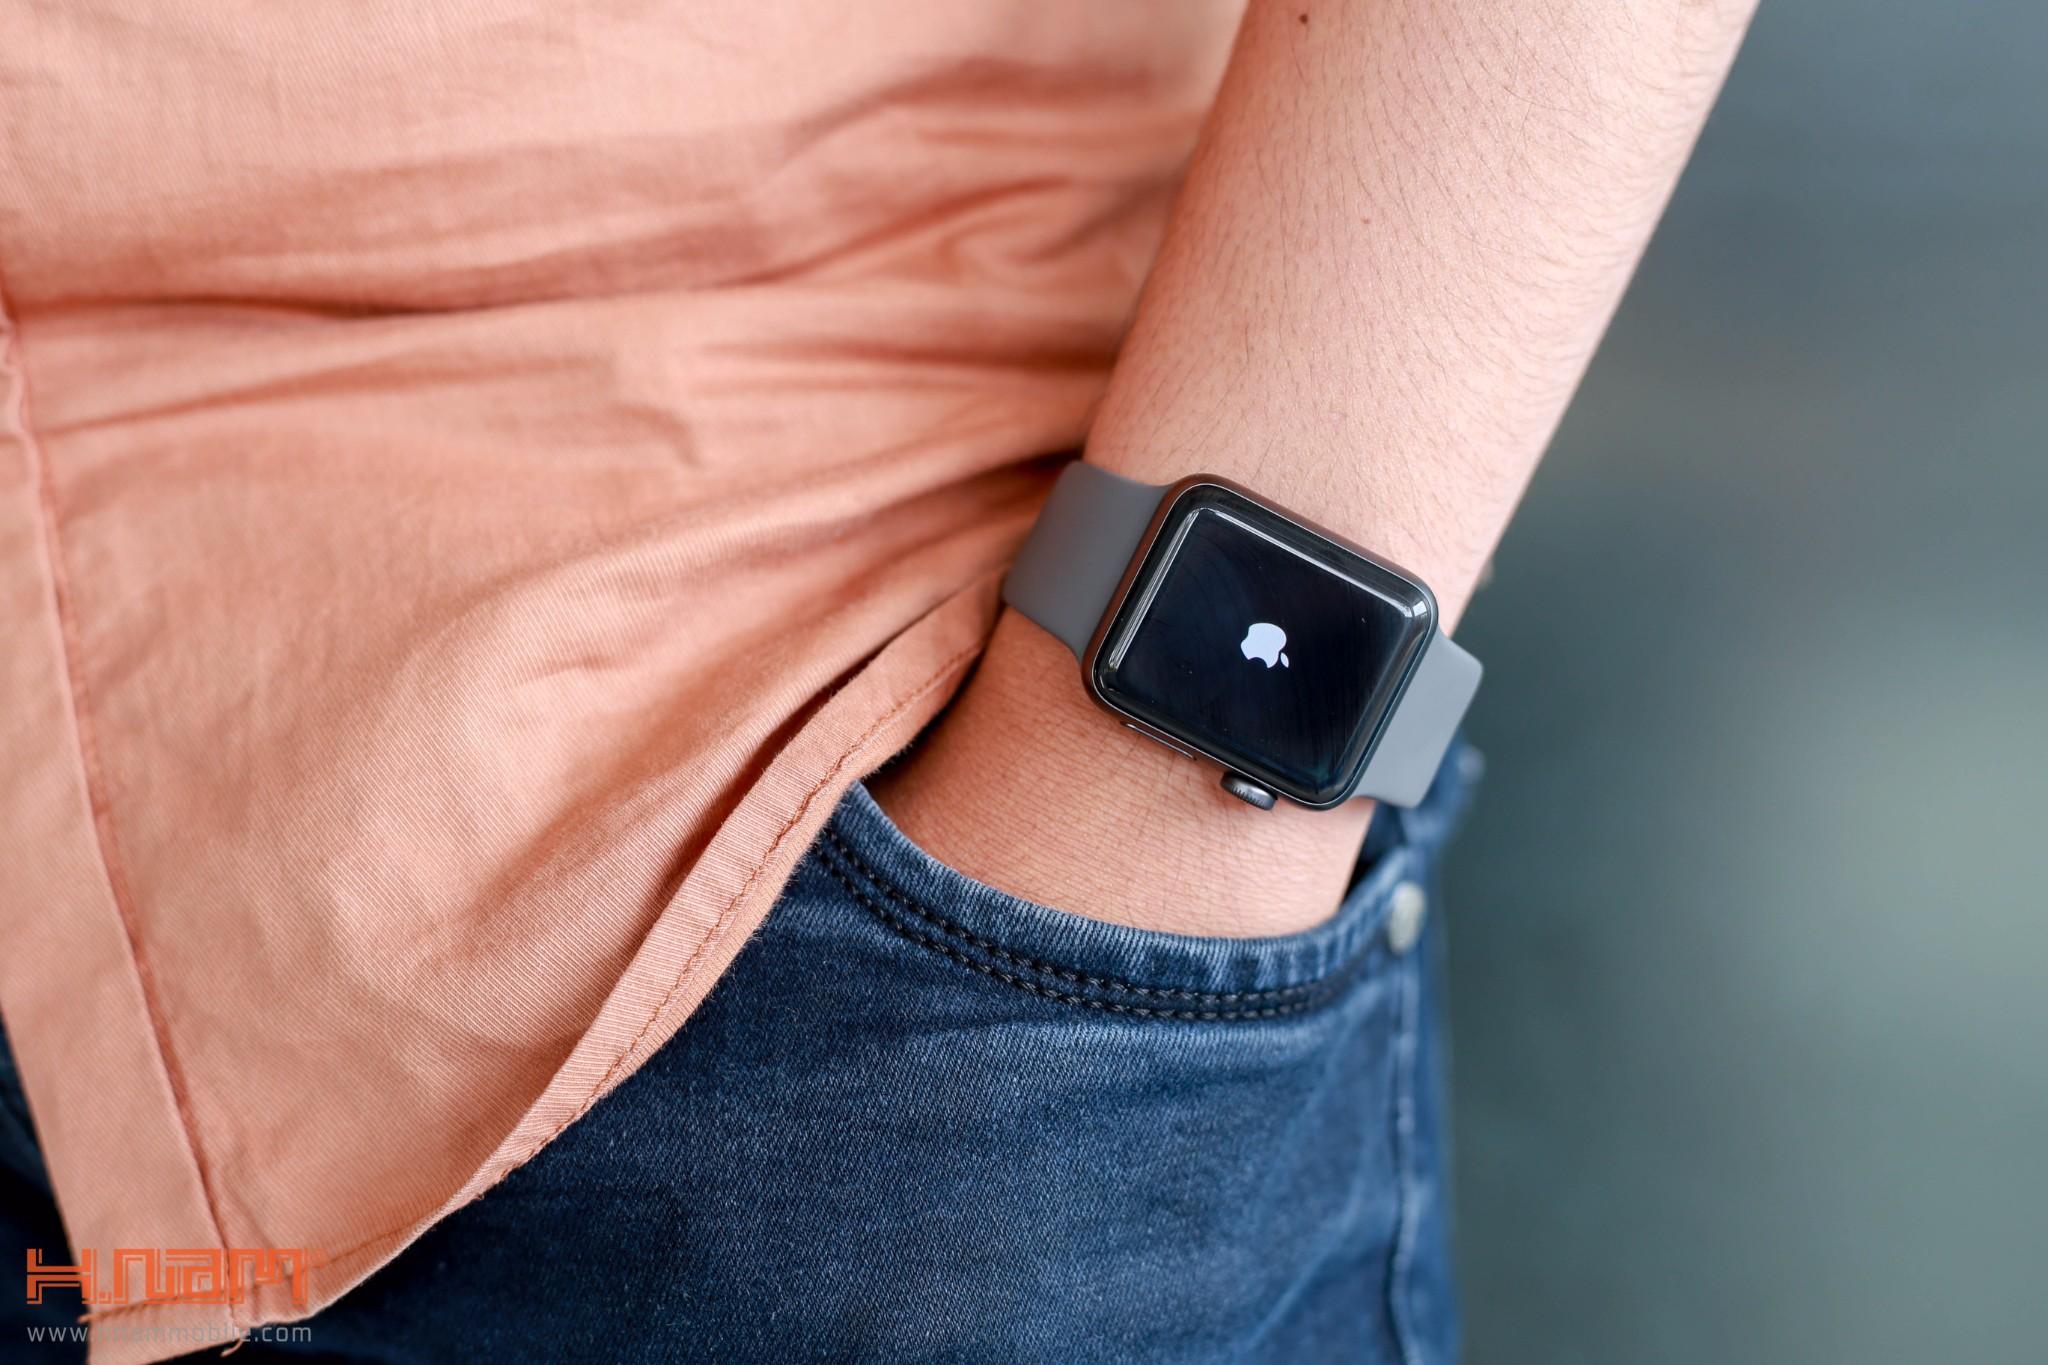 Đập 2 hộp Apple Watch Series 3: Vẫn rất đẹp và hiện đại, cấu hình mạnh hơn hình 1